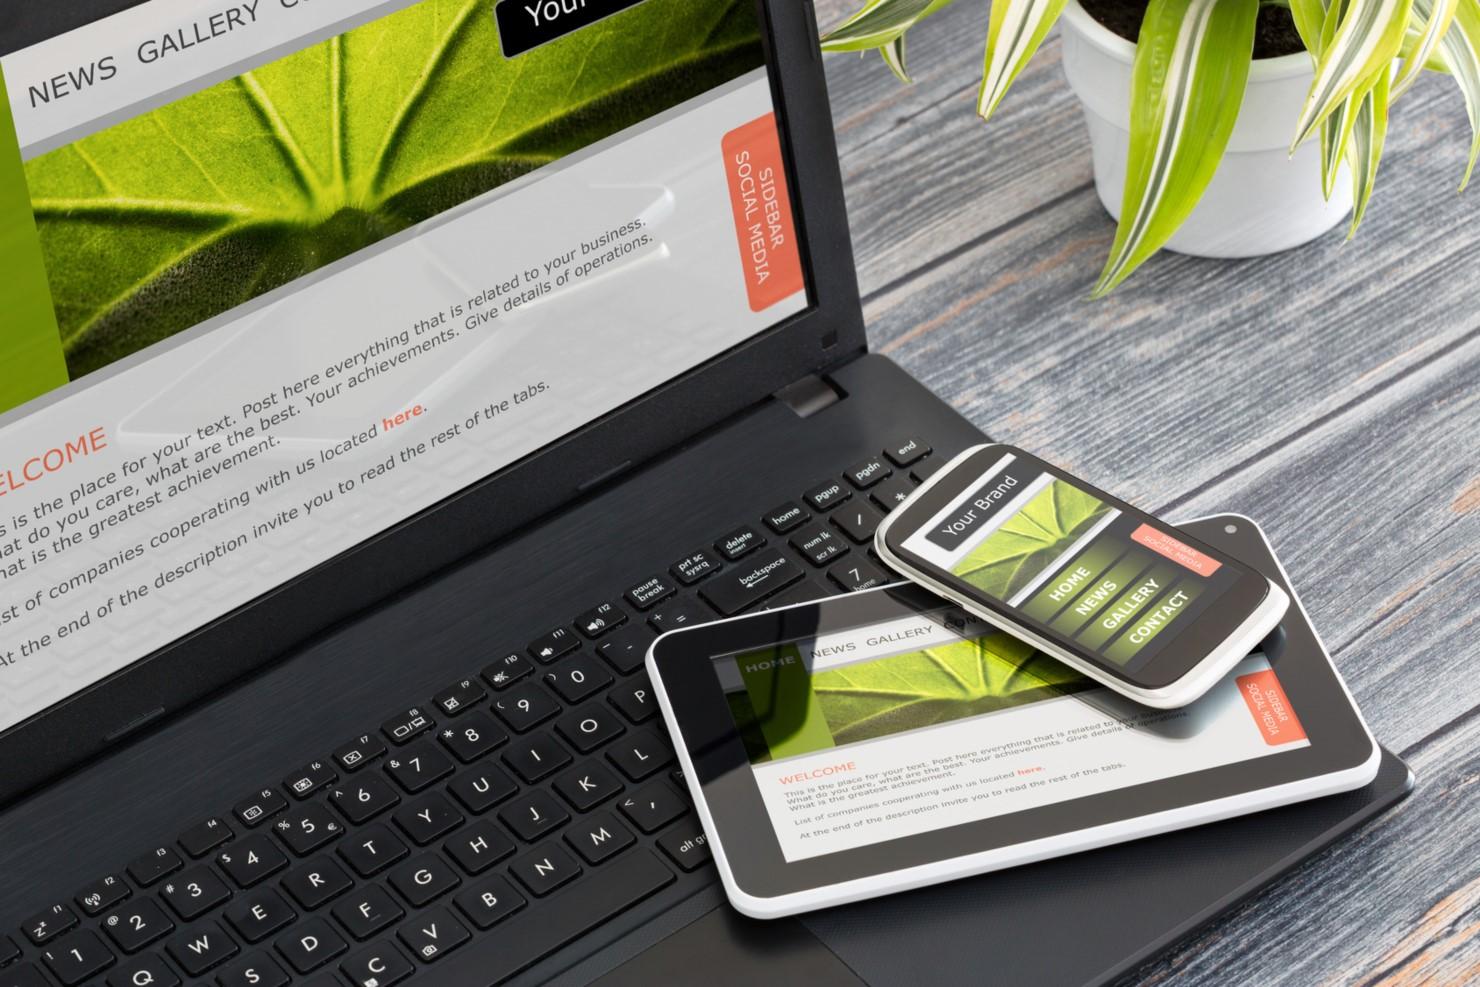 Una publicación digital responsive es básico para poder interactuar en el entorno online